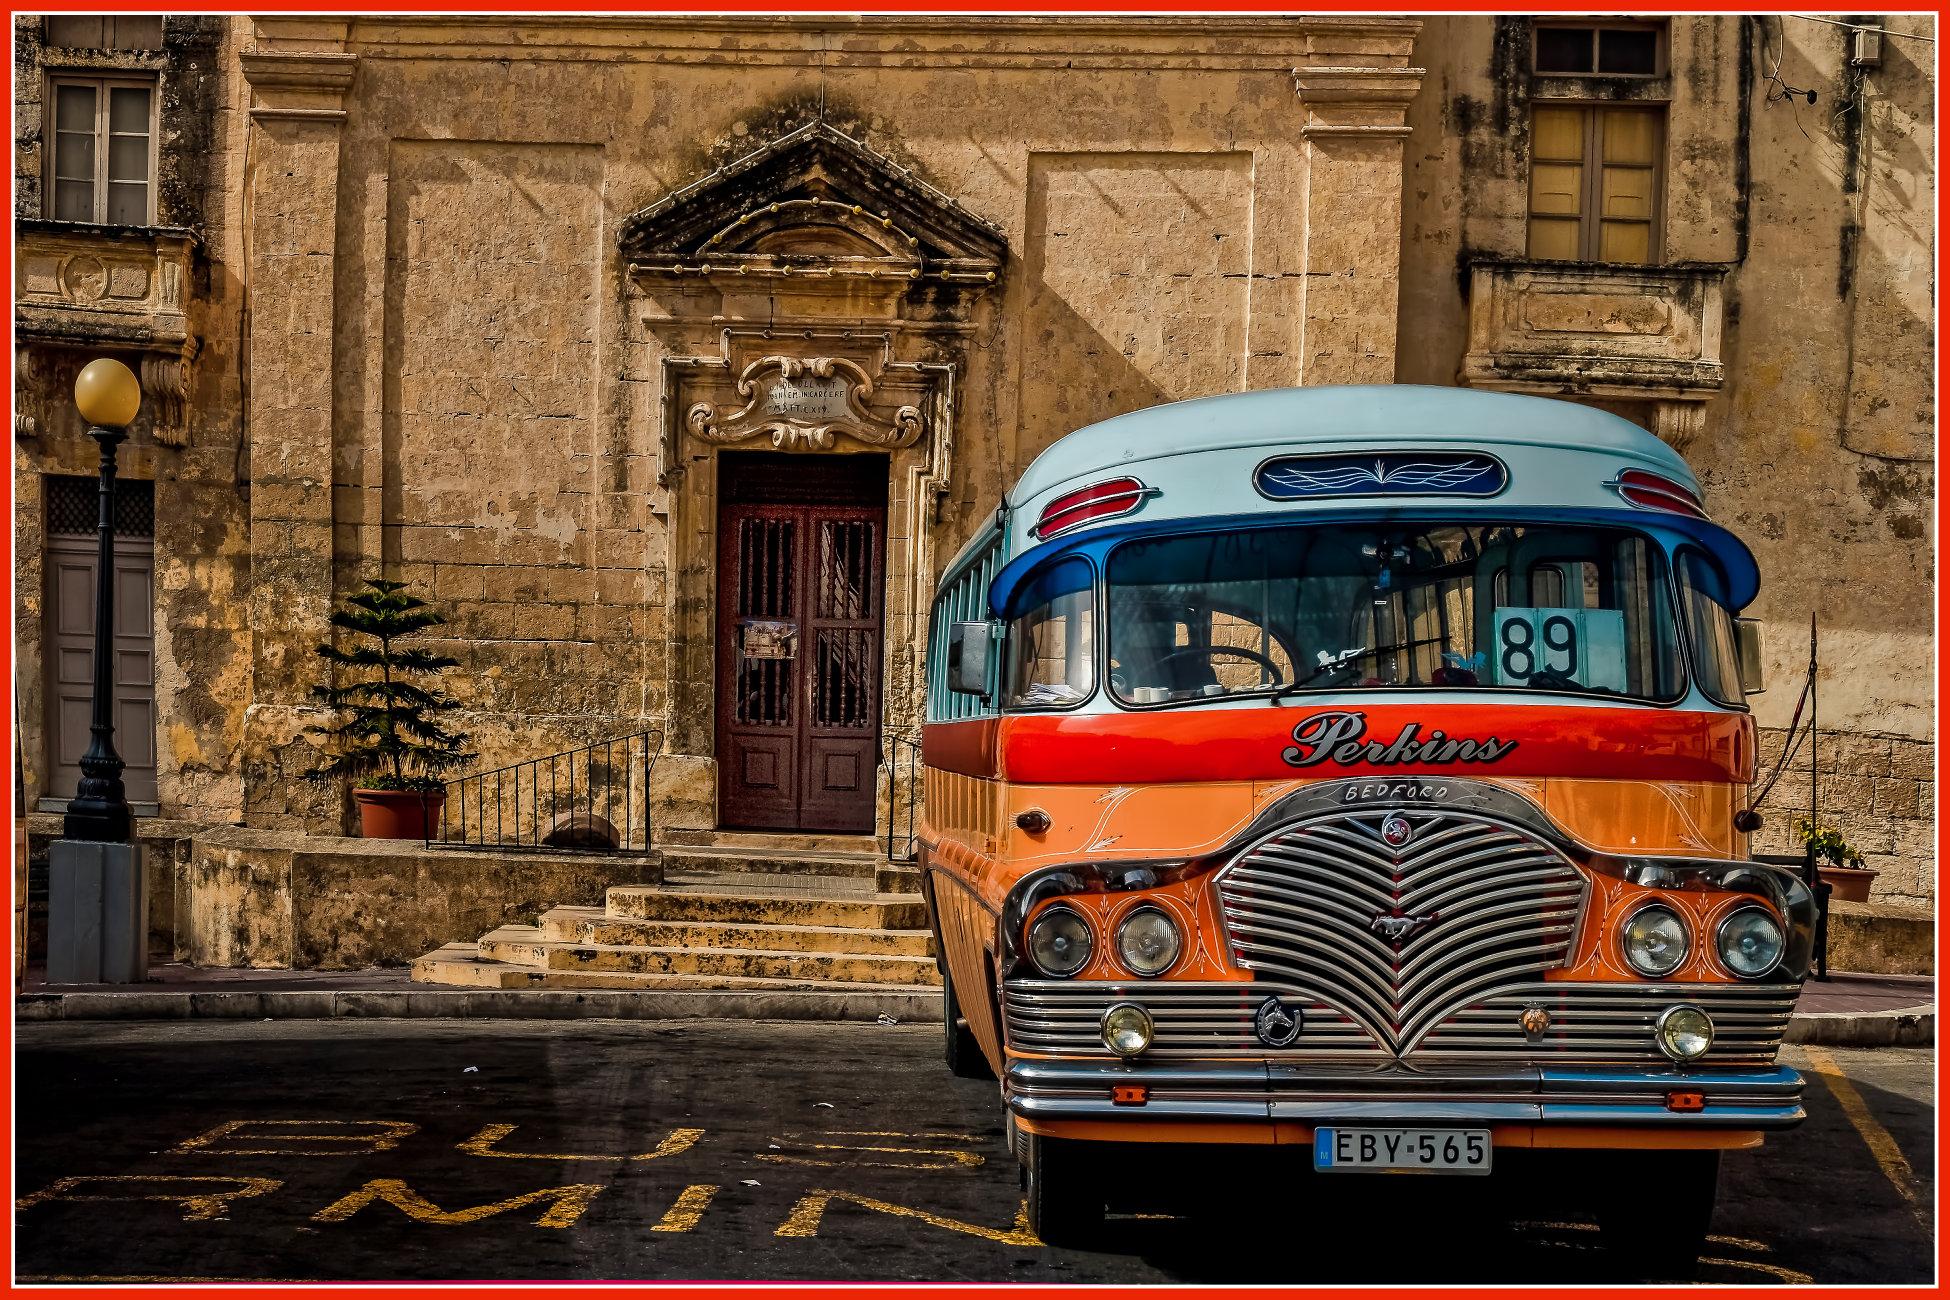 Siggiewi----Bus Terminus